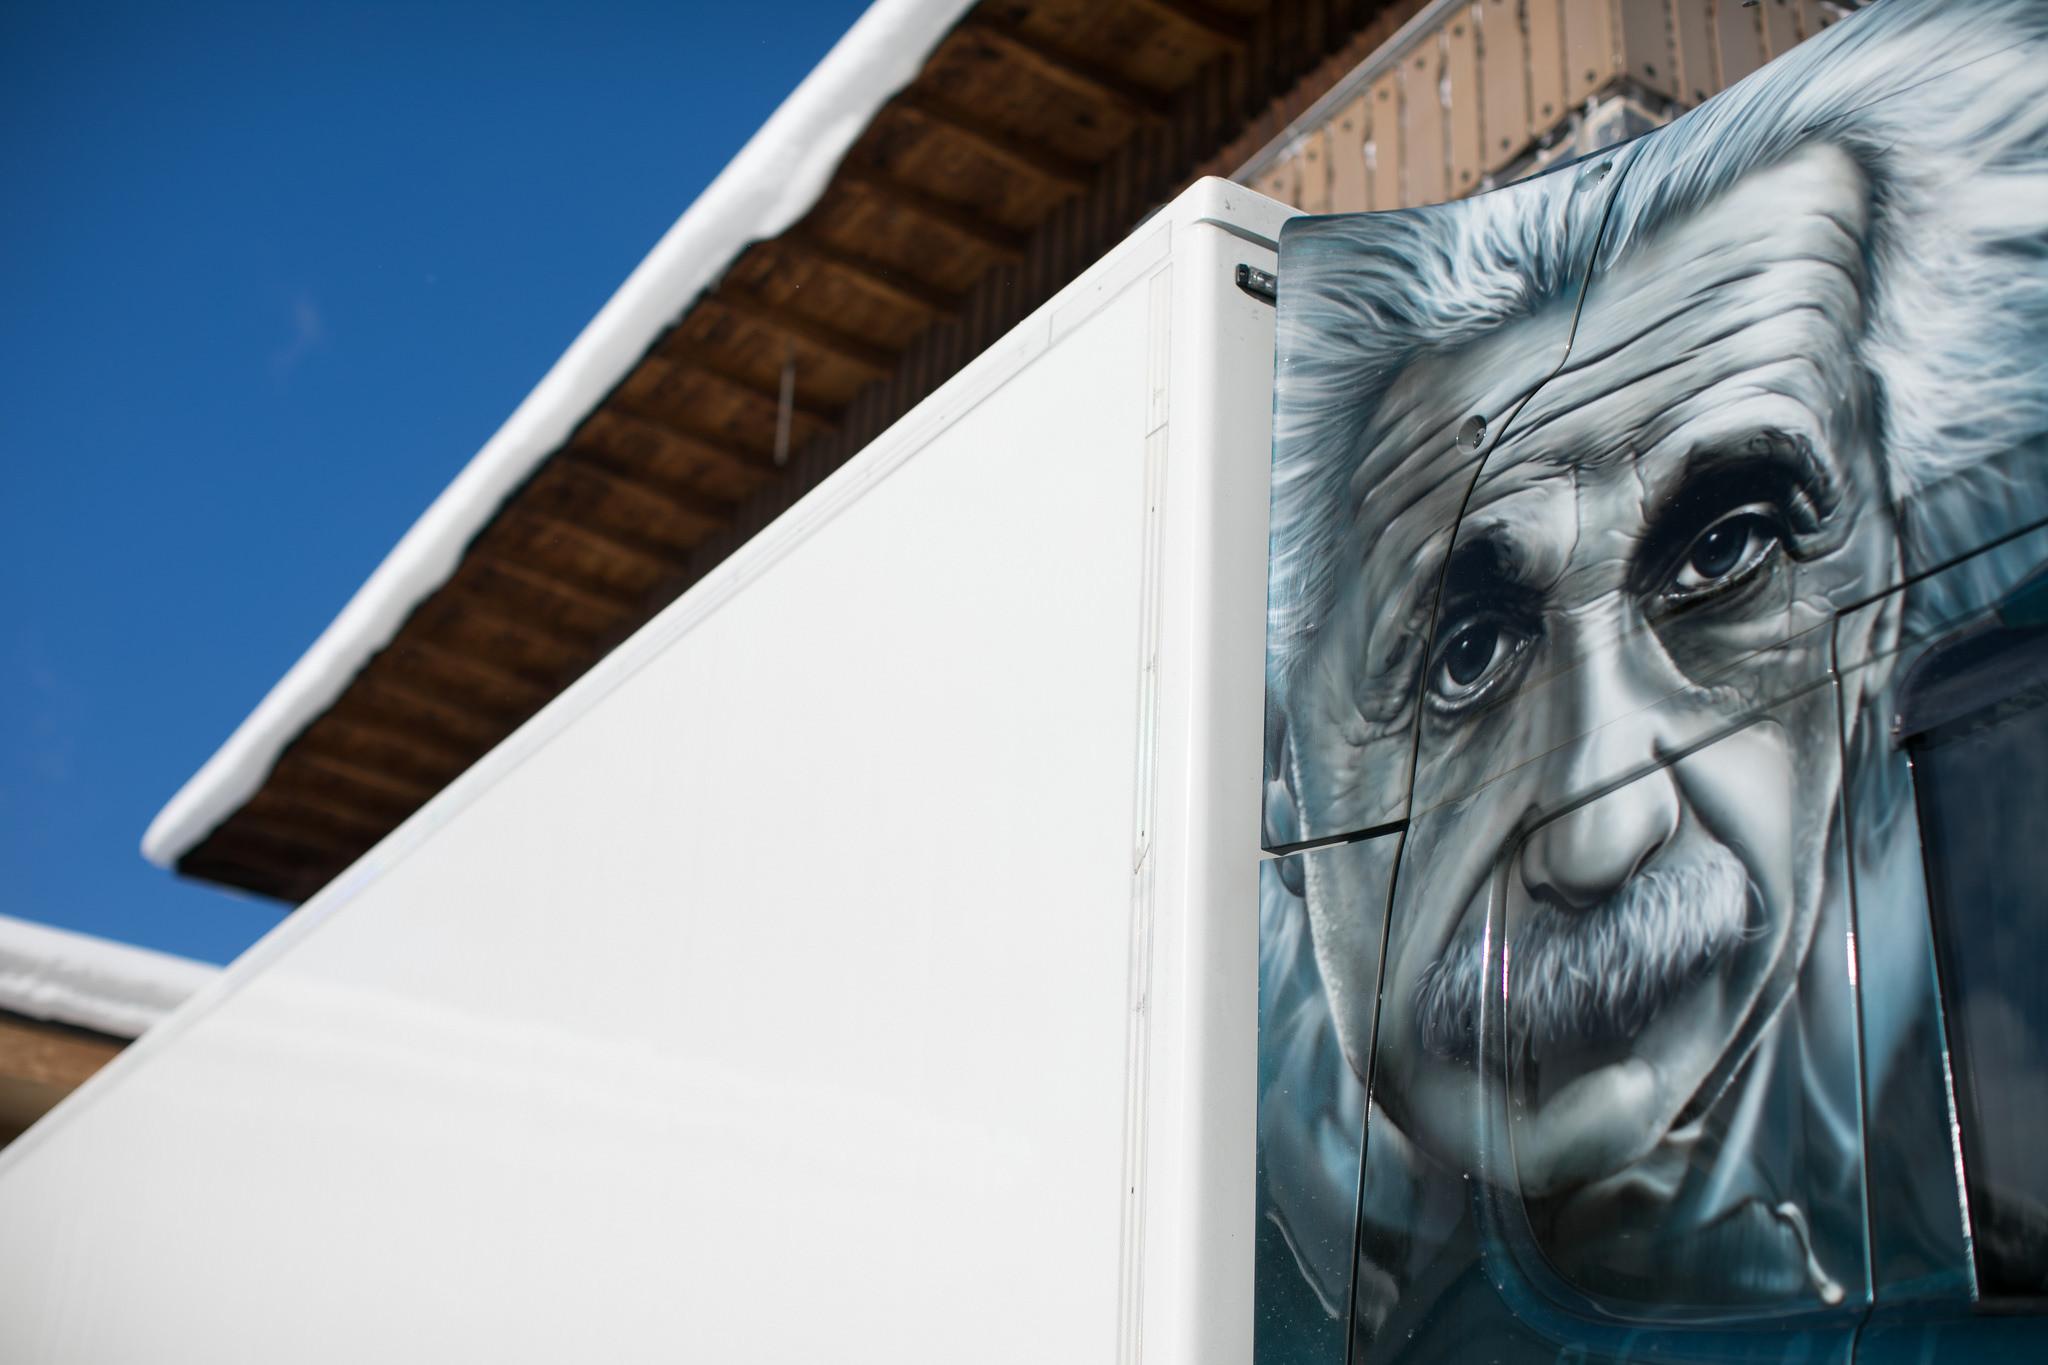 Инсталляция, посвященная Эйнштейну, созданная в Давосе по другому случаю, пришлась очень кстати, напоминая об относительности оценок и прогнозов. Источник https://assets.weforum.org/